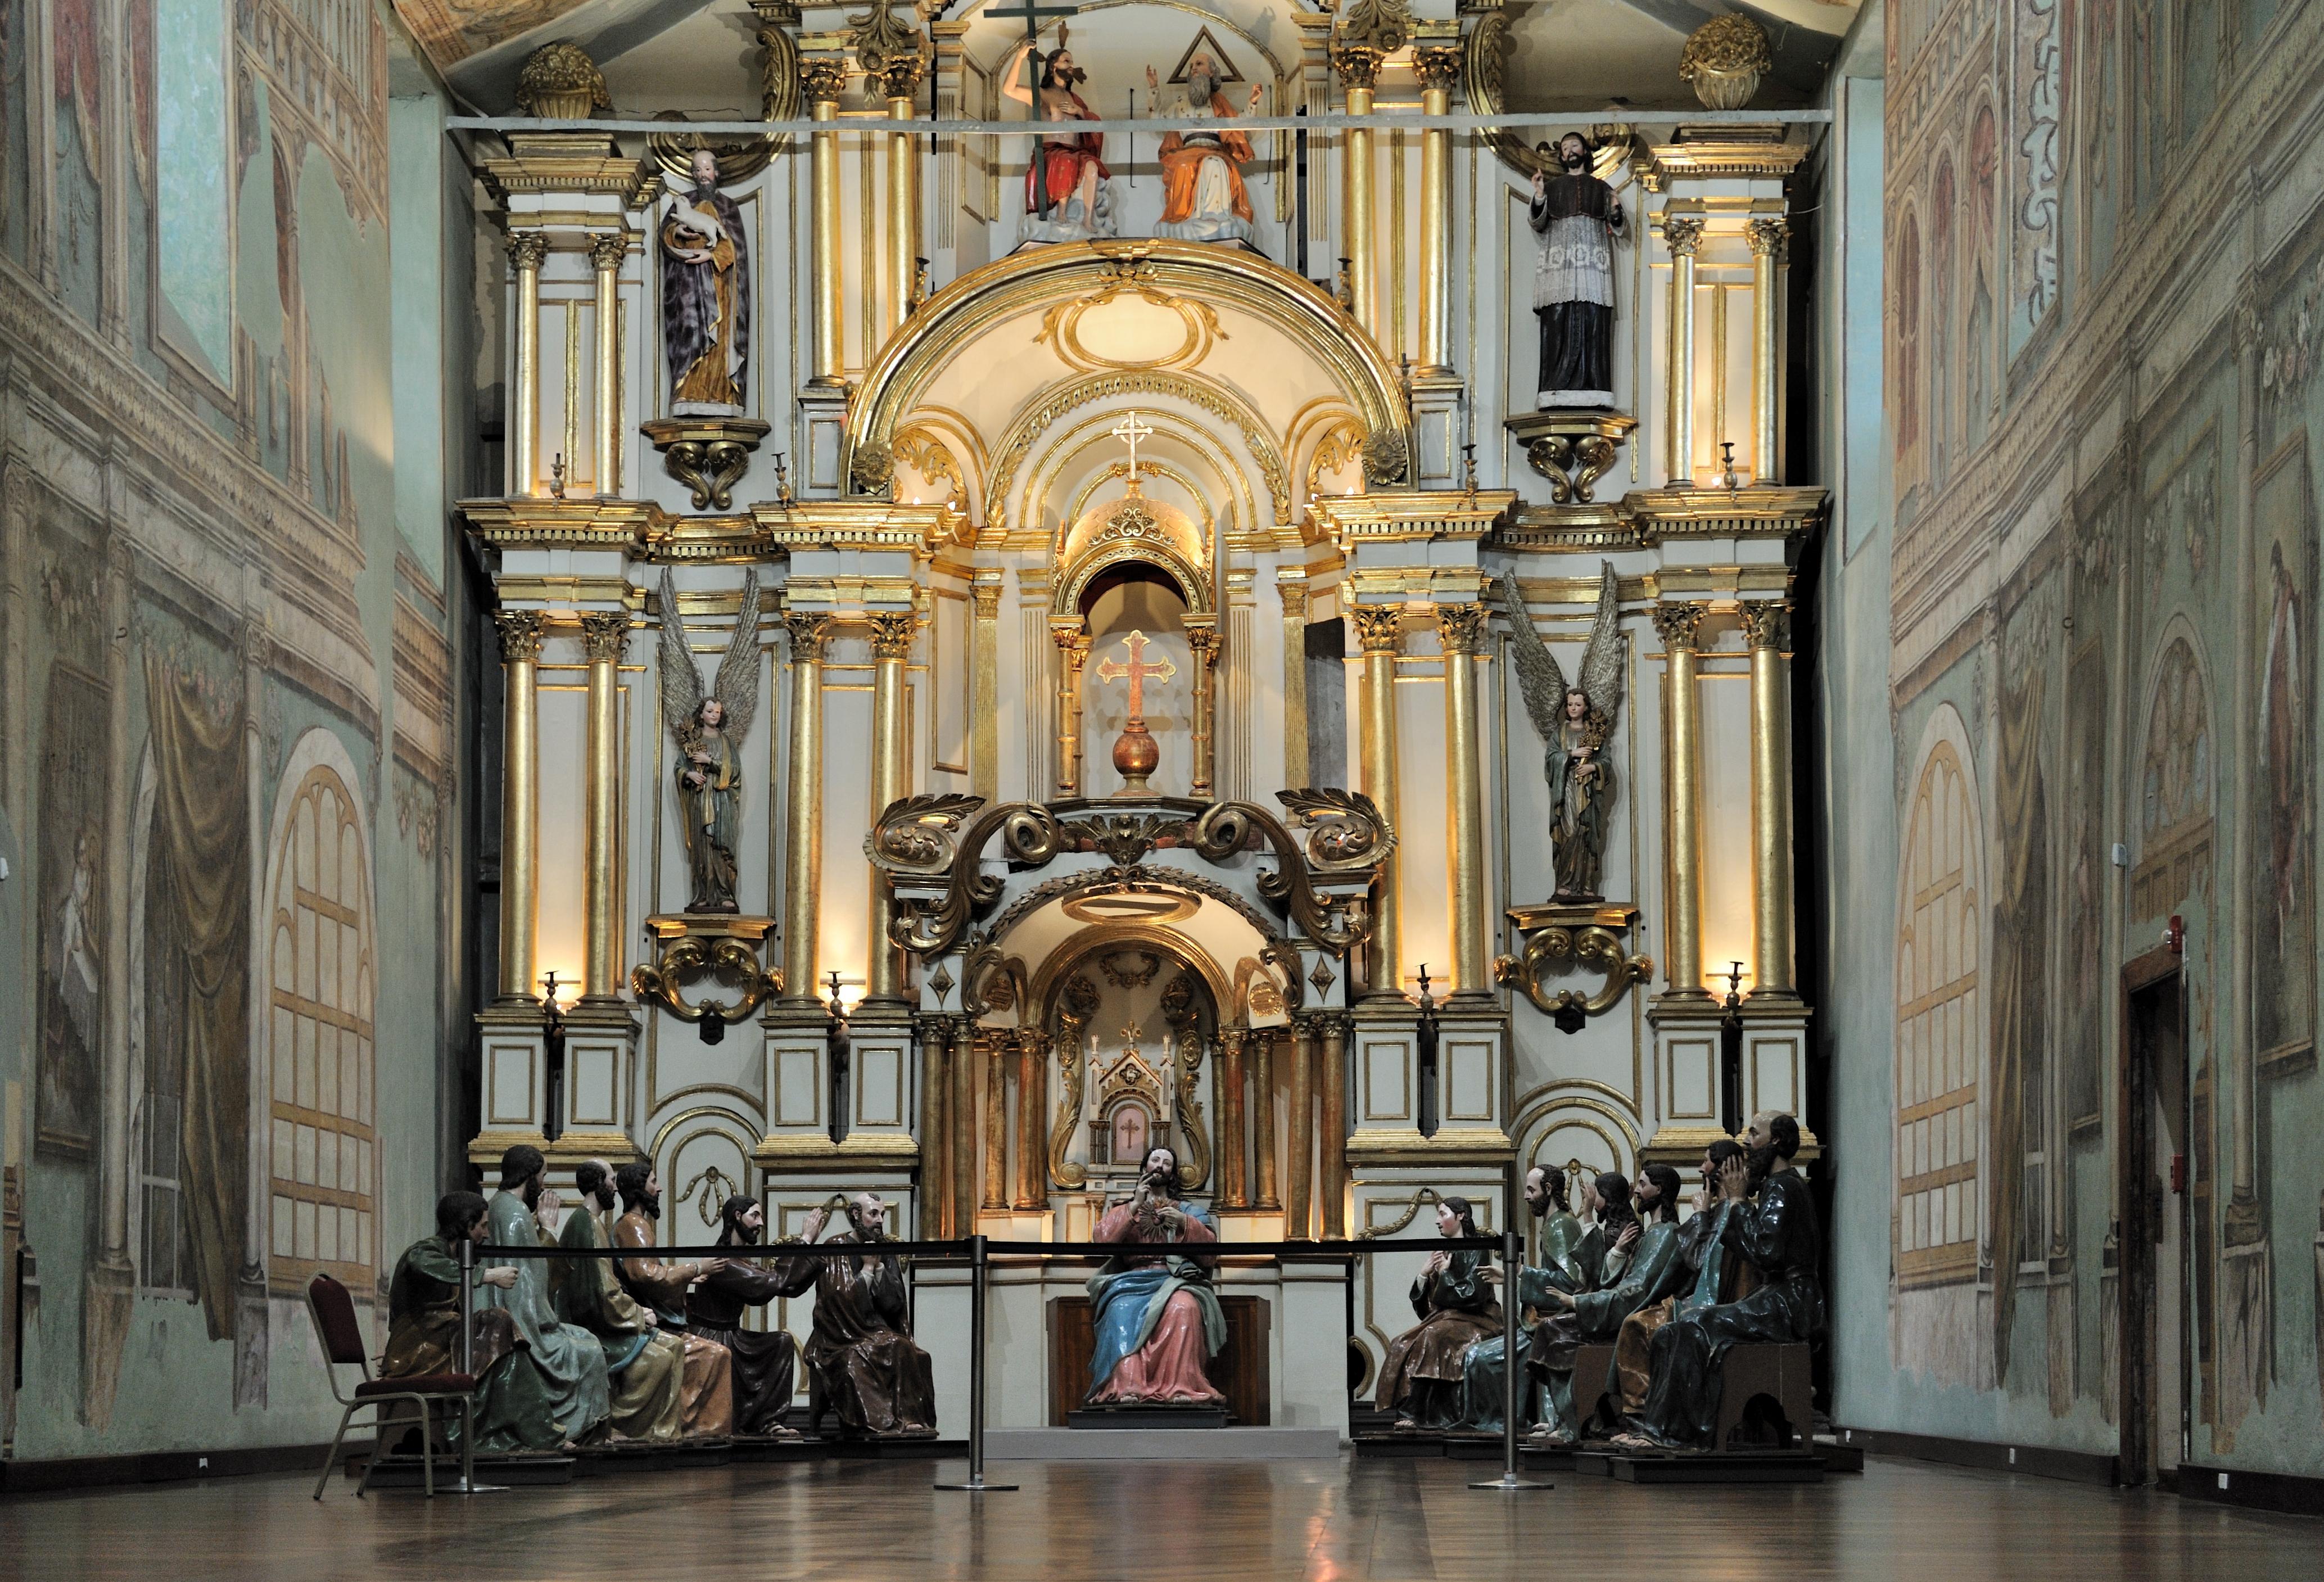 Description cuenca ecuador catedral vieja jesus and apostles jpg